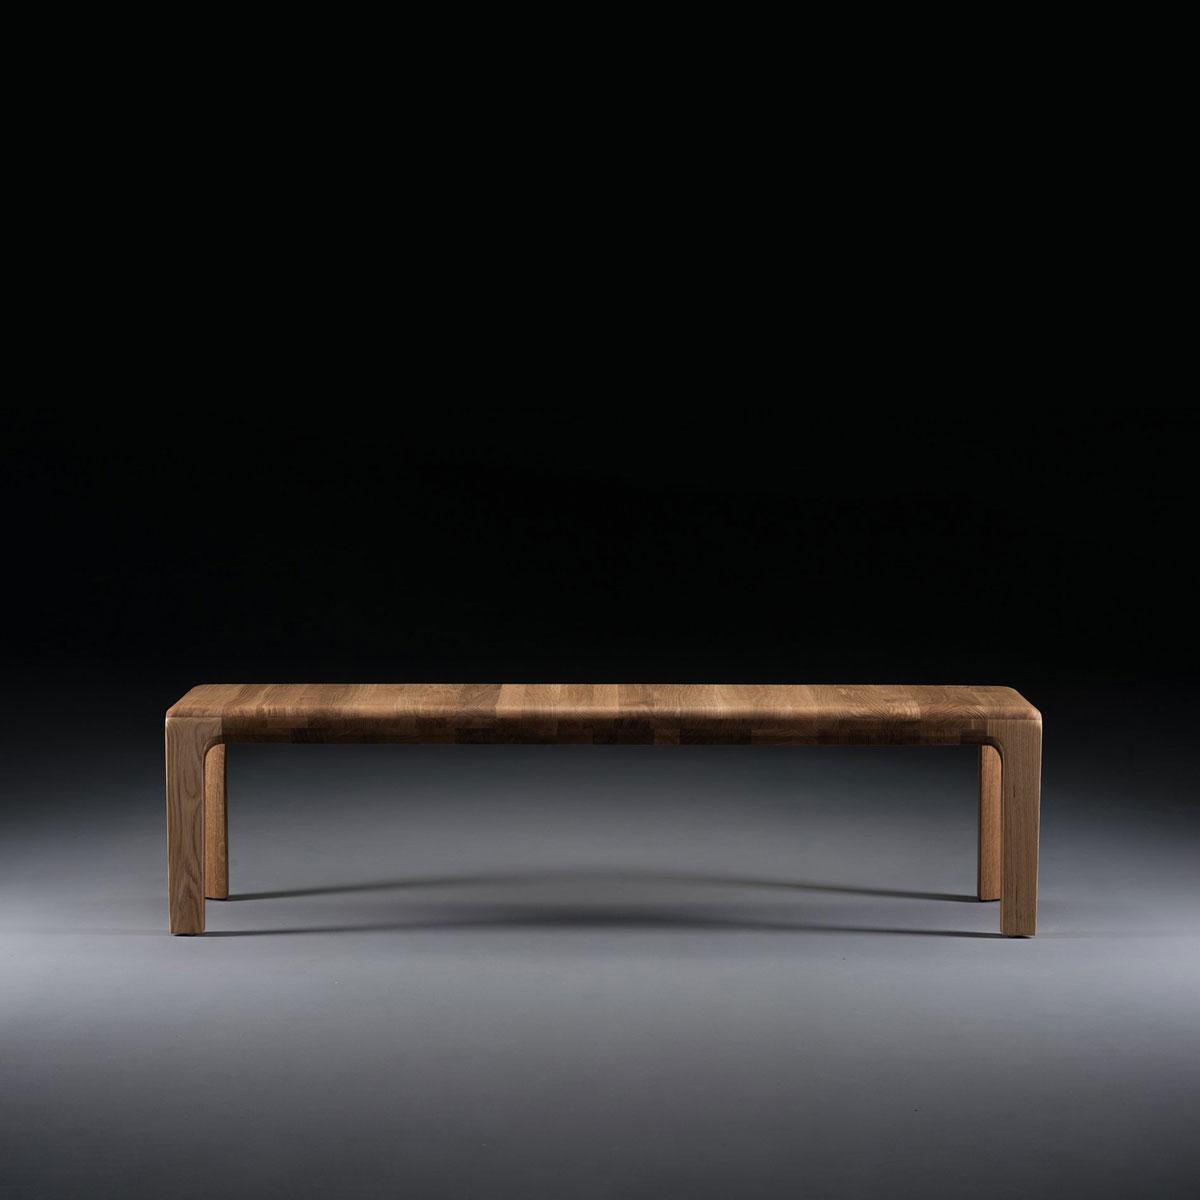 Banco Invito, realizado en madera maciza de excelente calidad, con diseño vanguardista y exclusivo en Europa